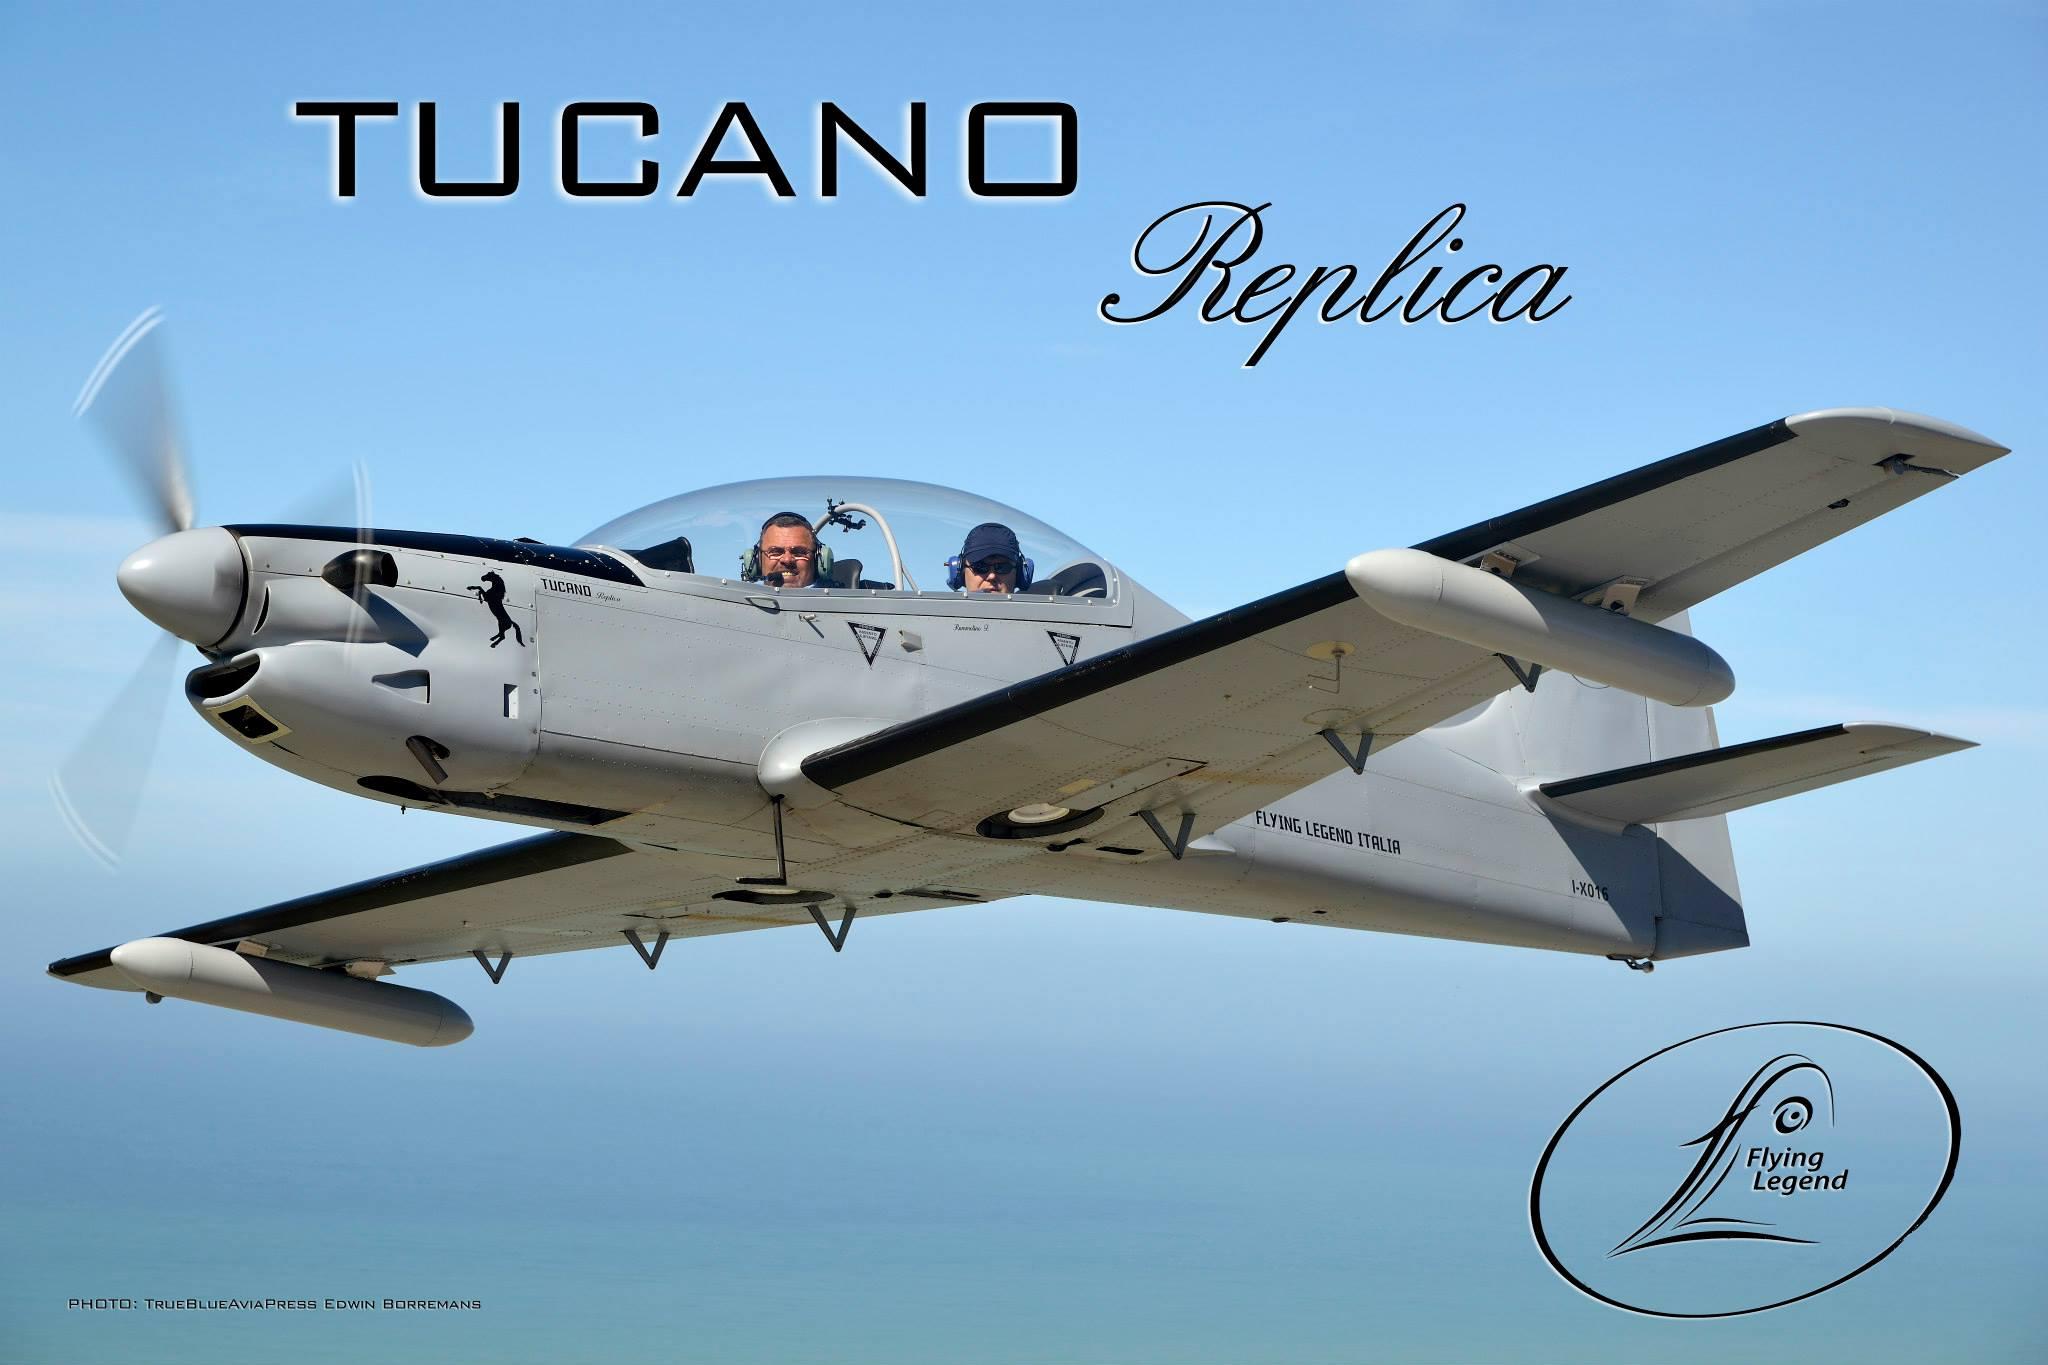 Tucano-R in flight